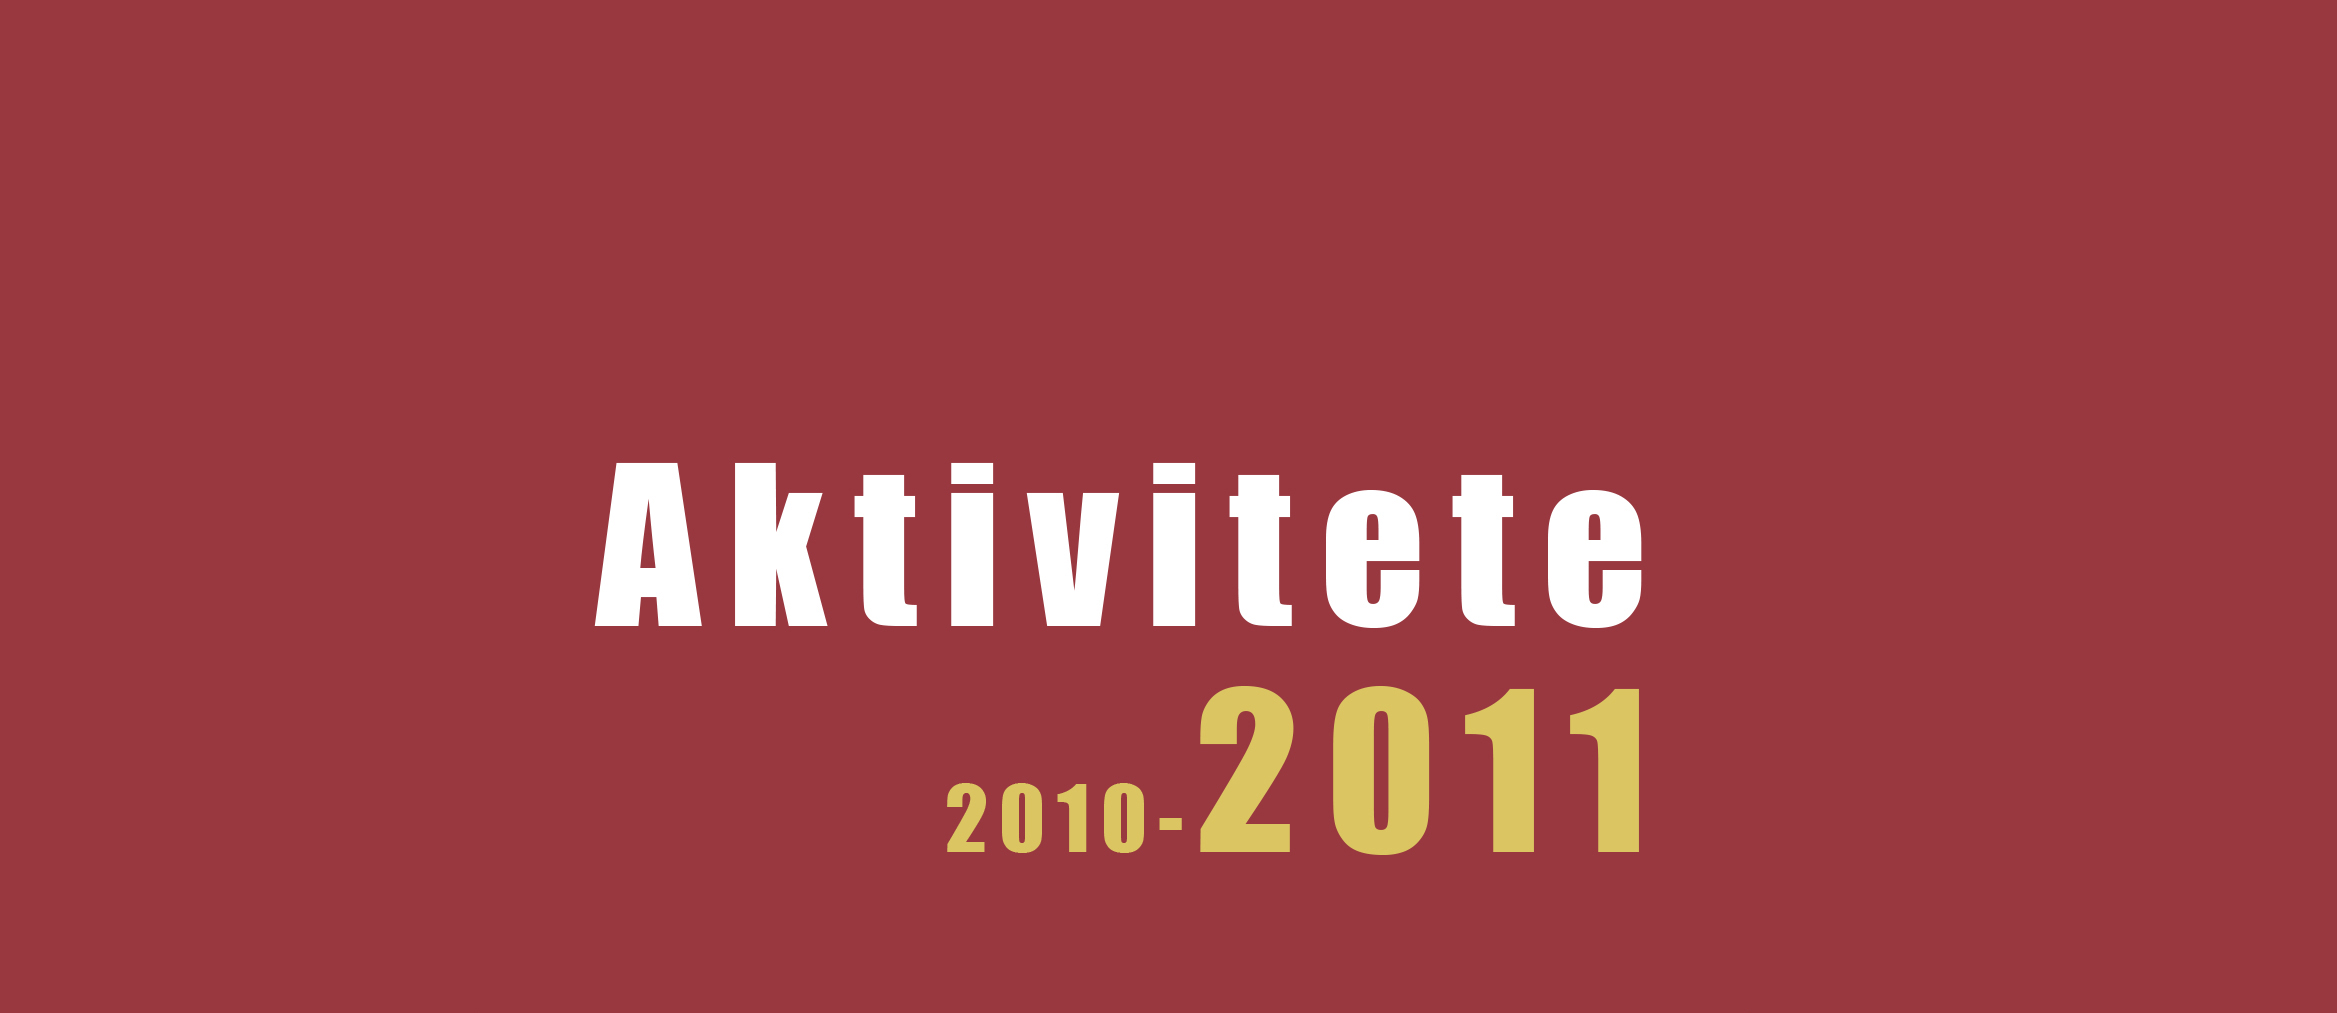 AKTIVITETET E KMSH-SË (2010-2011)